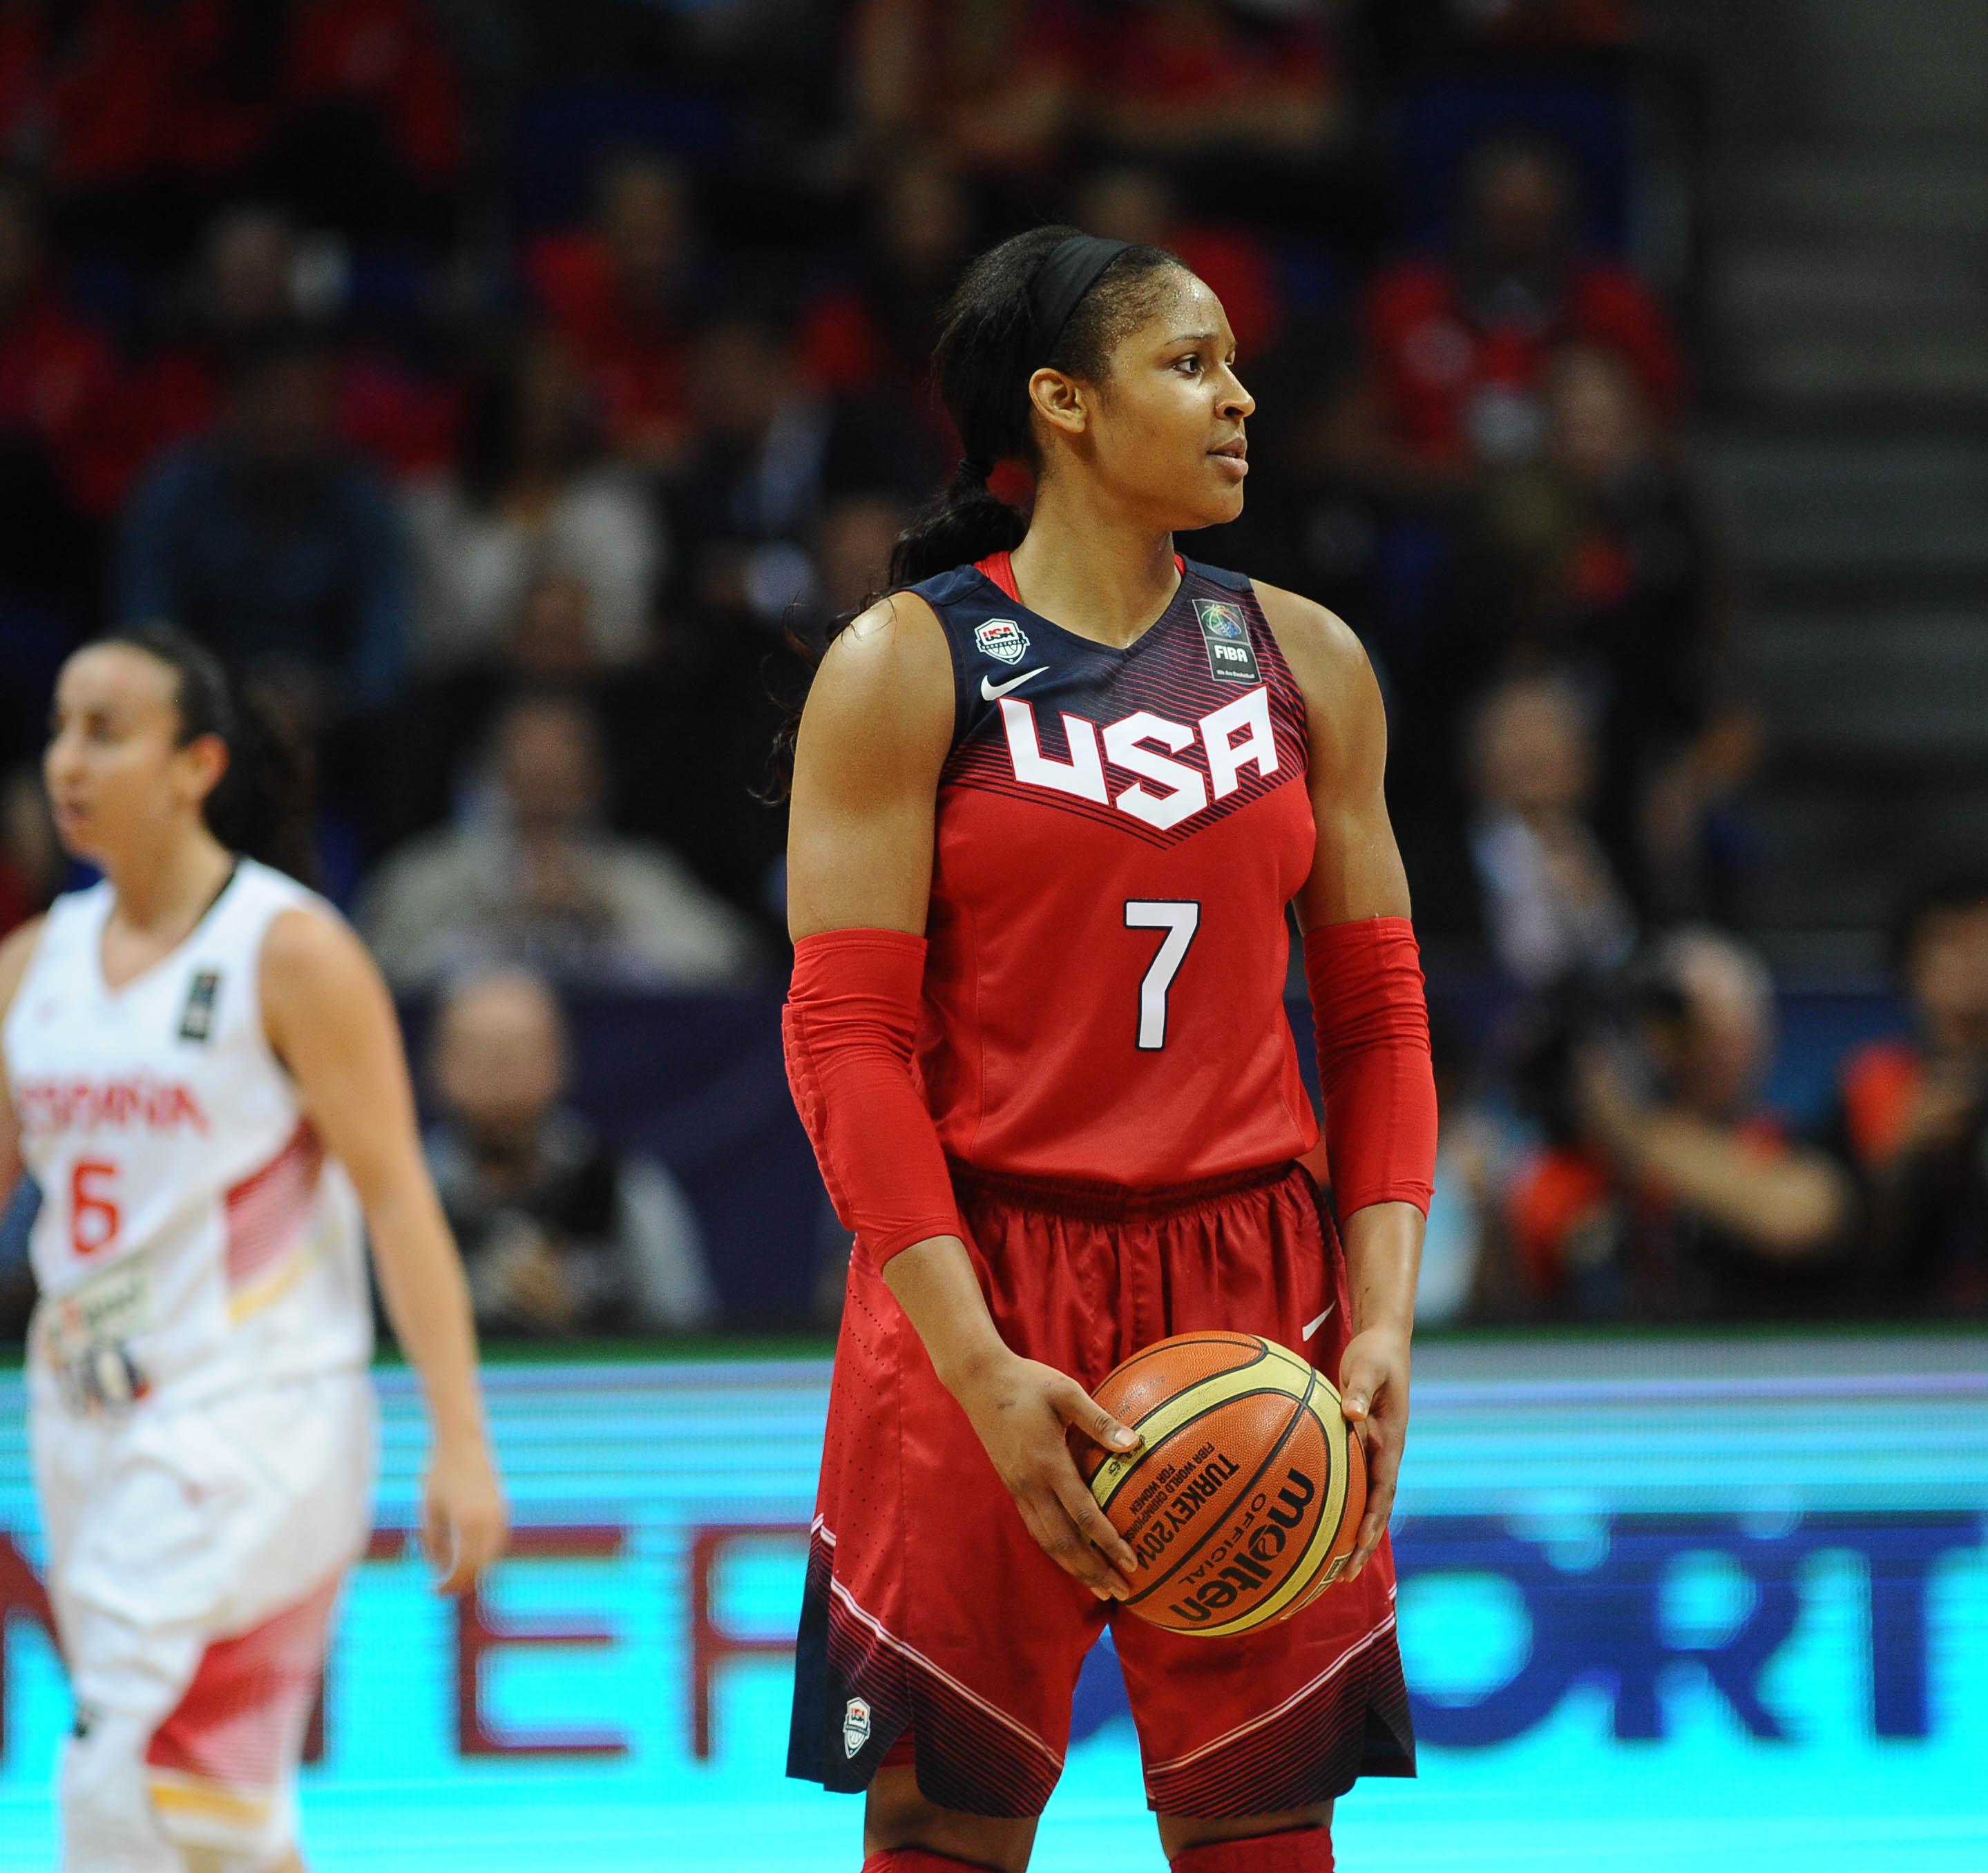 Basket - Le combat d'une basketteuse américaine pour la justice